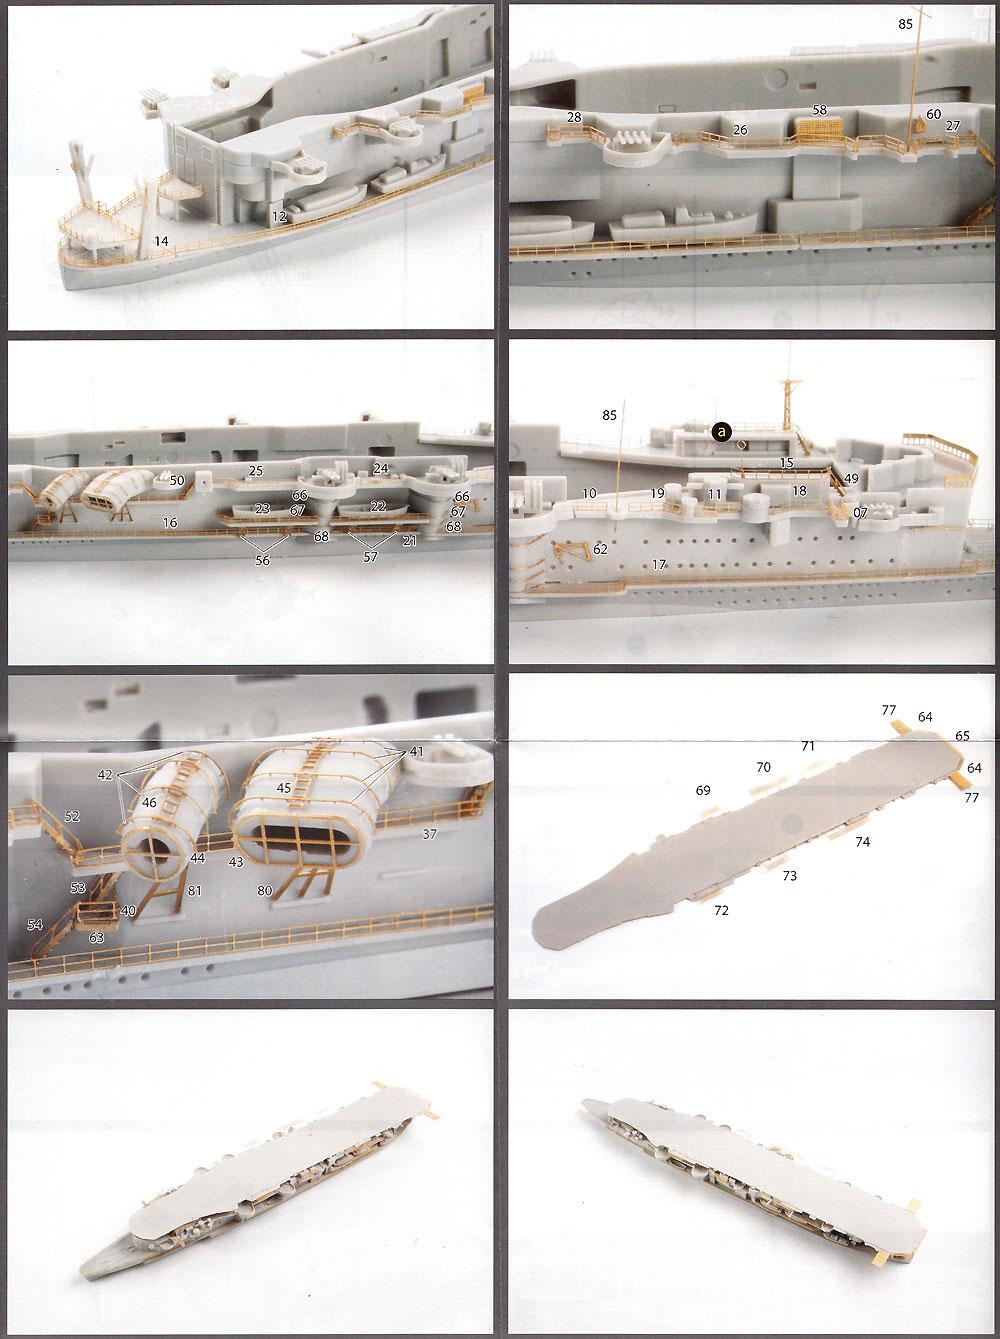 日本海軍 航空母艦 龍驤 第二次改装時 エッチングパーツ & 艦名プレートエッチング(フジミ艦船模型用グレードアップパーツNo.特034EX-001)商品画像_3